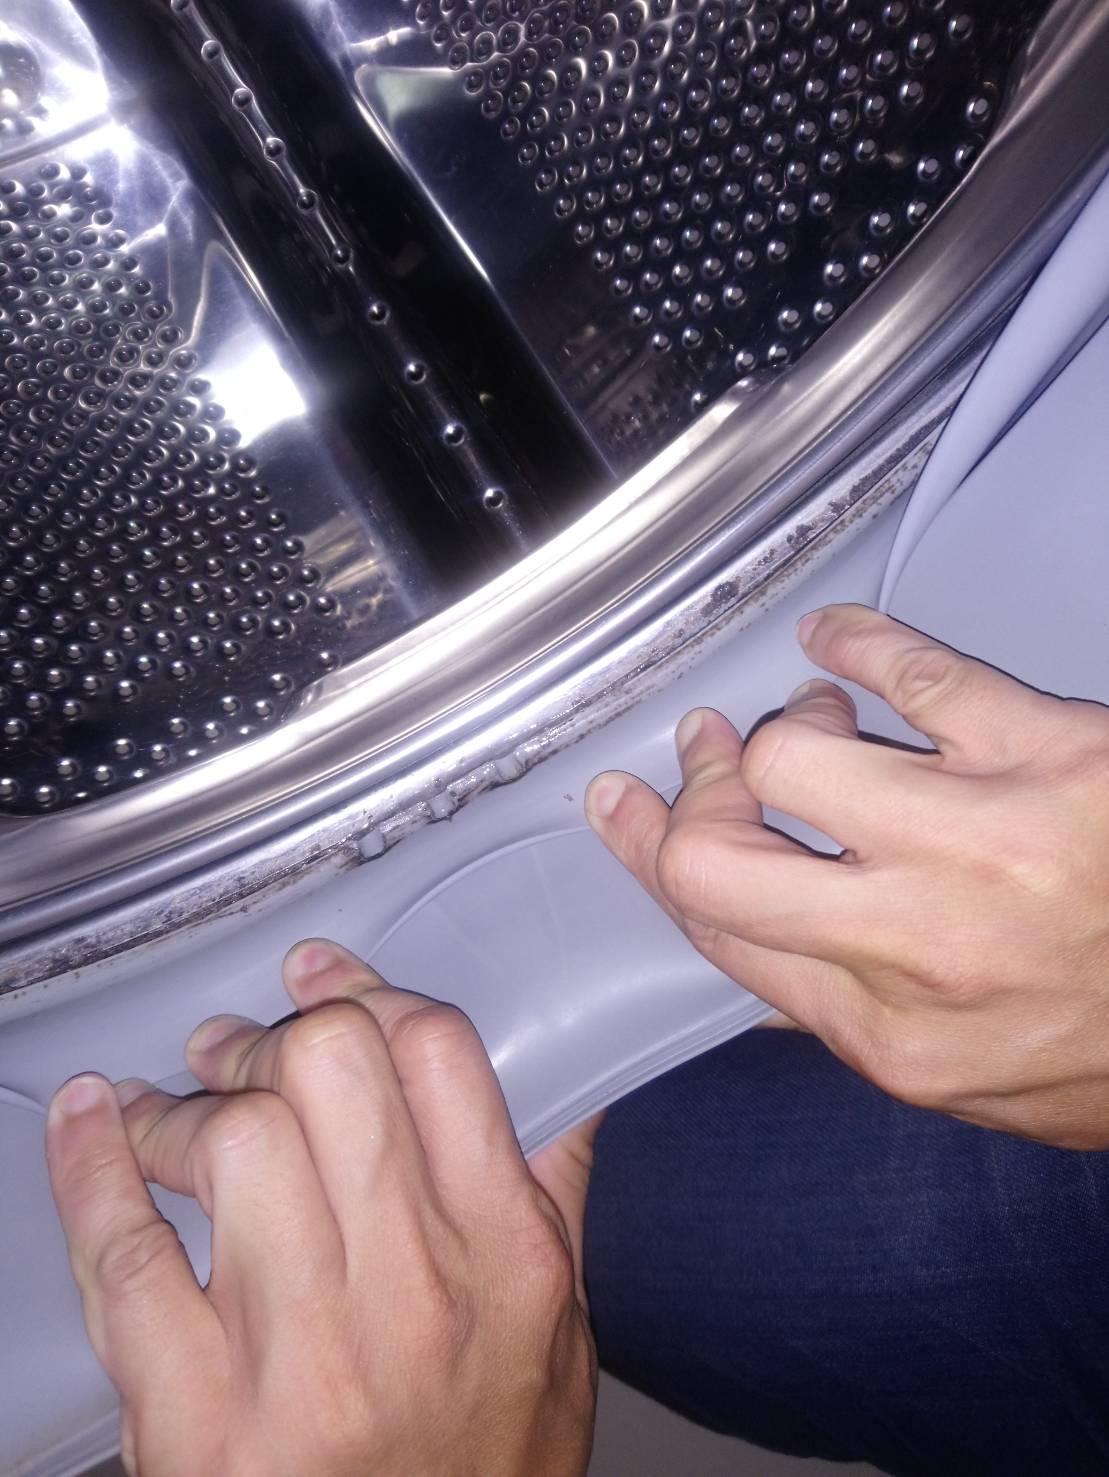 洗濯槽クリーニングのご紹介👉👔